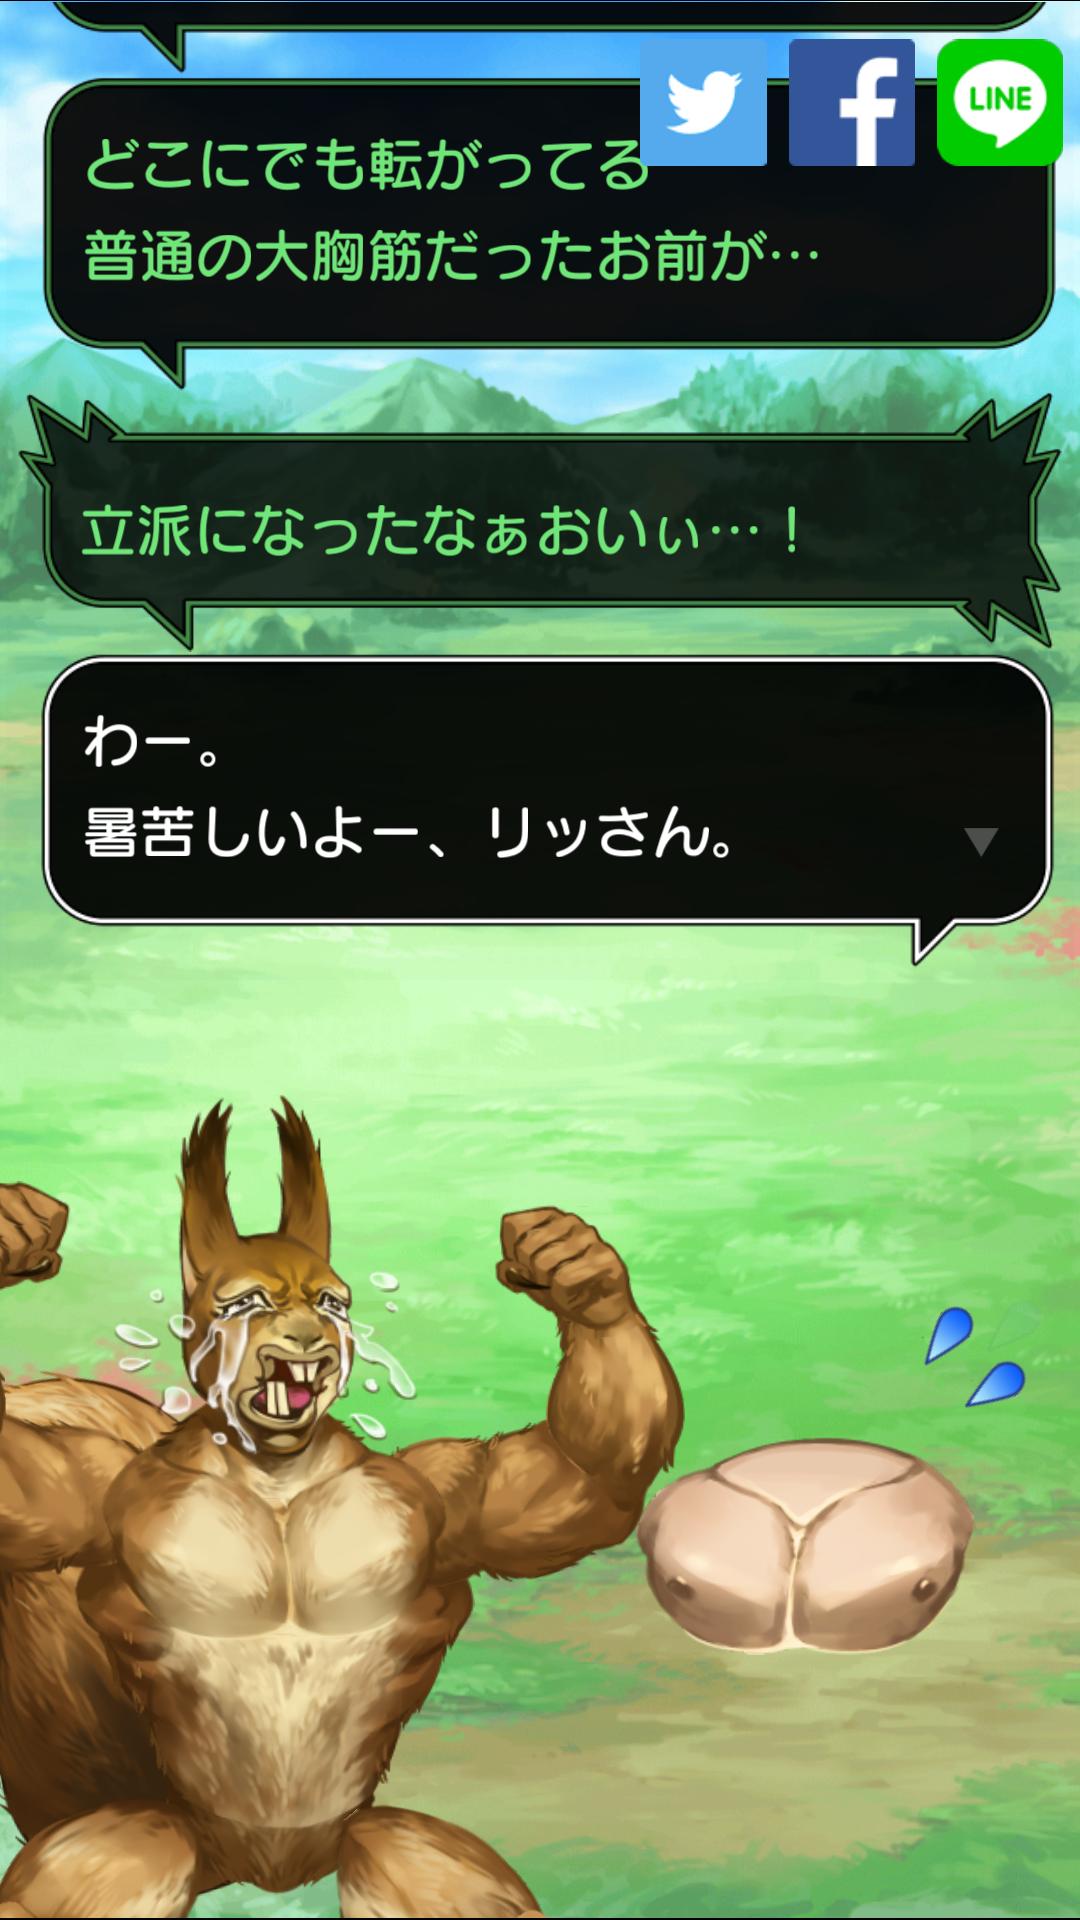 androidアプリ キンニクエスト 筋肉と筋肉と筋肉と呪われし筋肉攻略スクリーンショット3